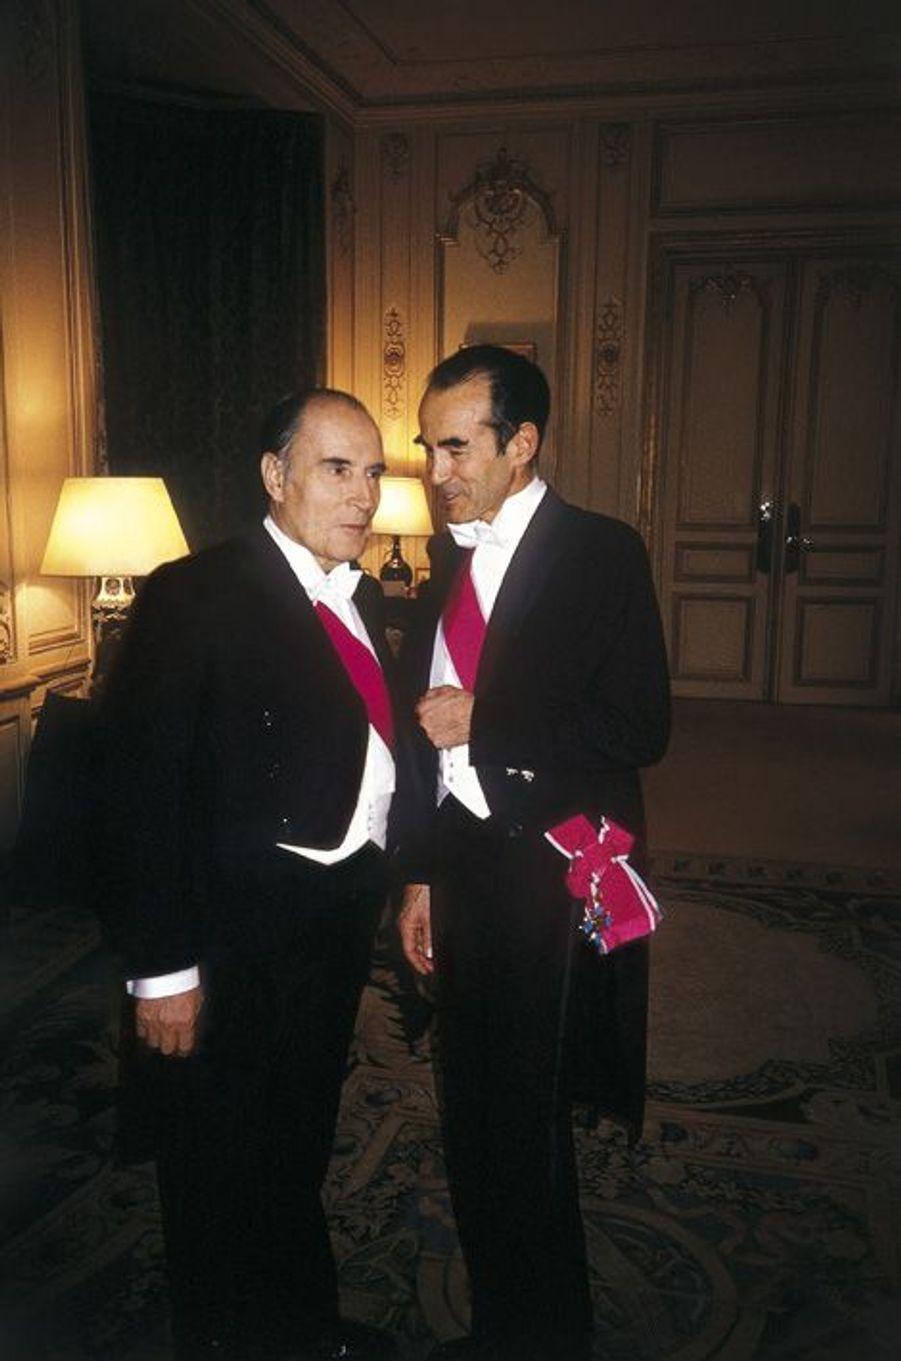 A l'ambassade de France au Royaume-Uni, avant un dîner d'apparat, François Mitterrand s'entretient avec Robert Badinter, son garde des Sceaux.